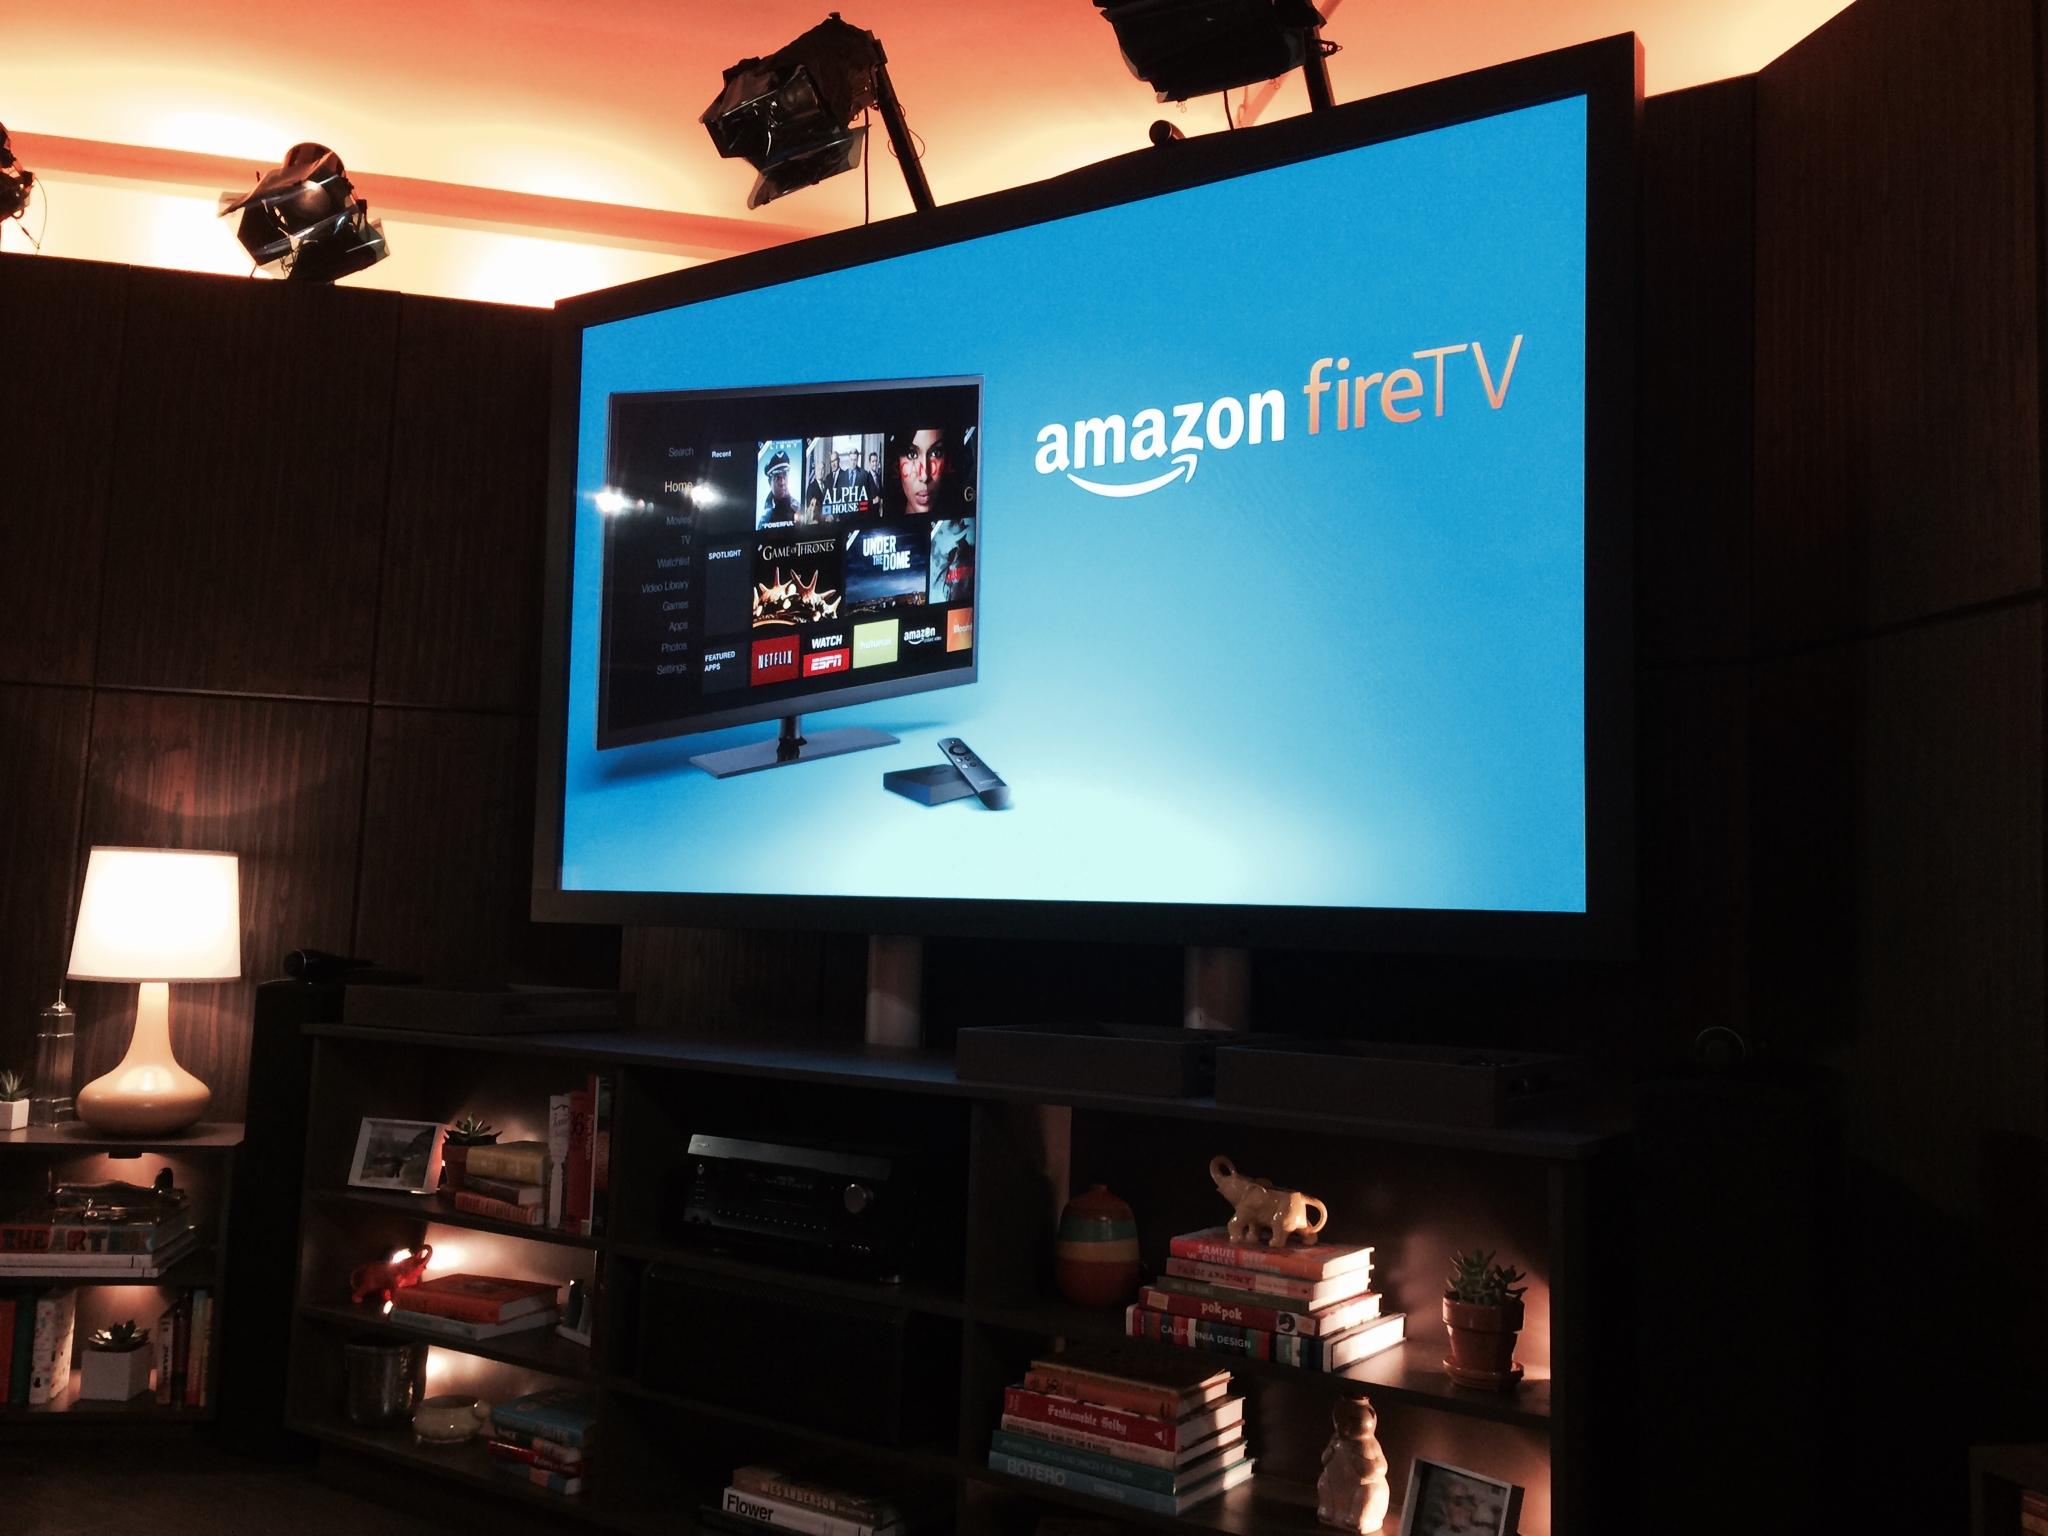 Amazon dezvaluie Amazon Fire TV